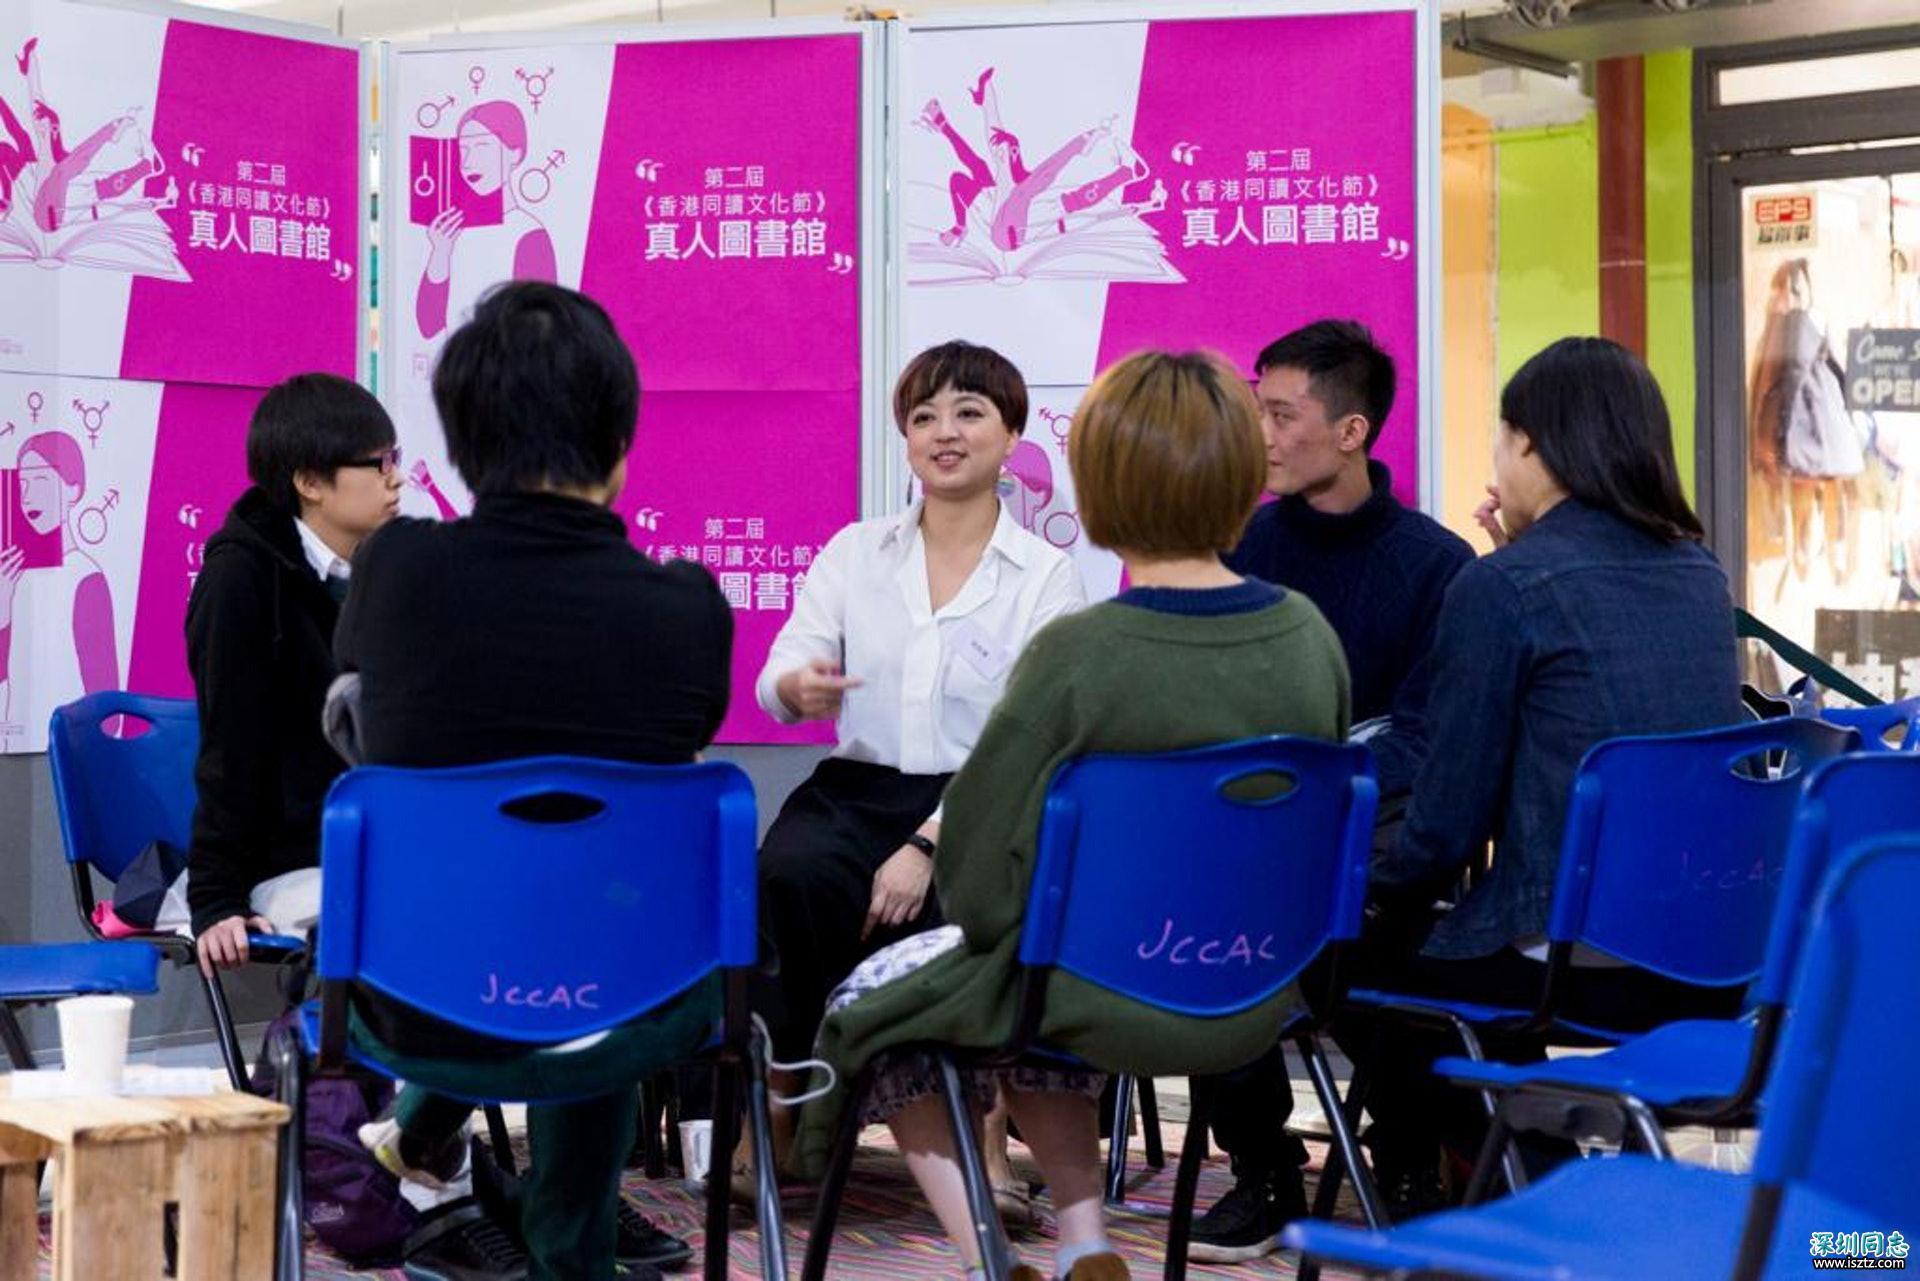 在呂欣潔同讀文化節的「真人圖書館」中講了幾小時,參加者常常問她:為什麼香港不可以有同性婚姻?(潘思穎攝)